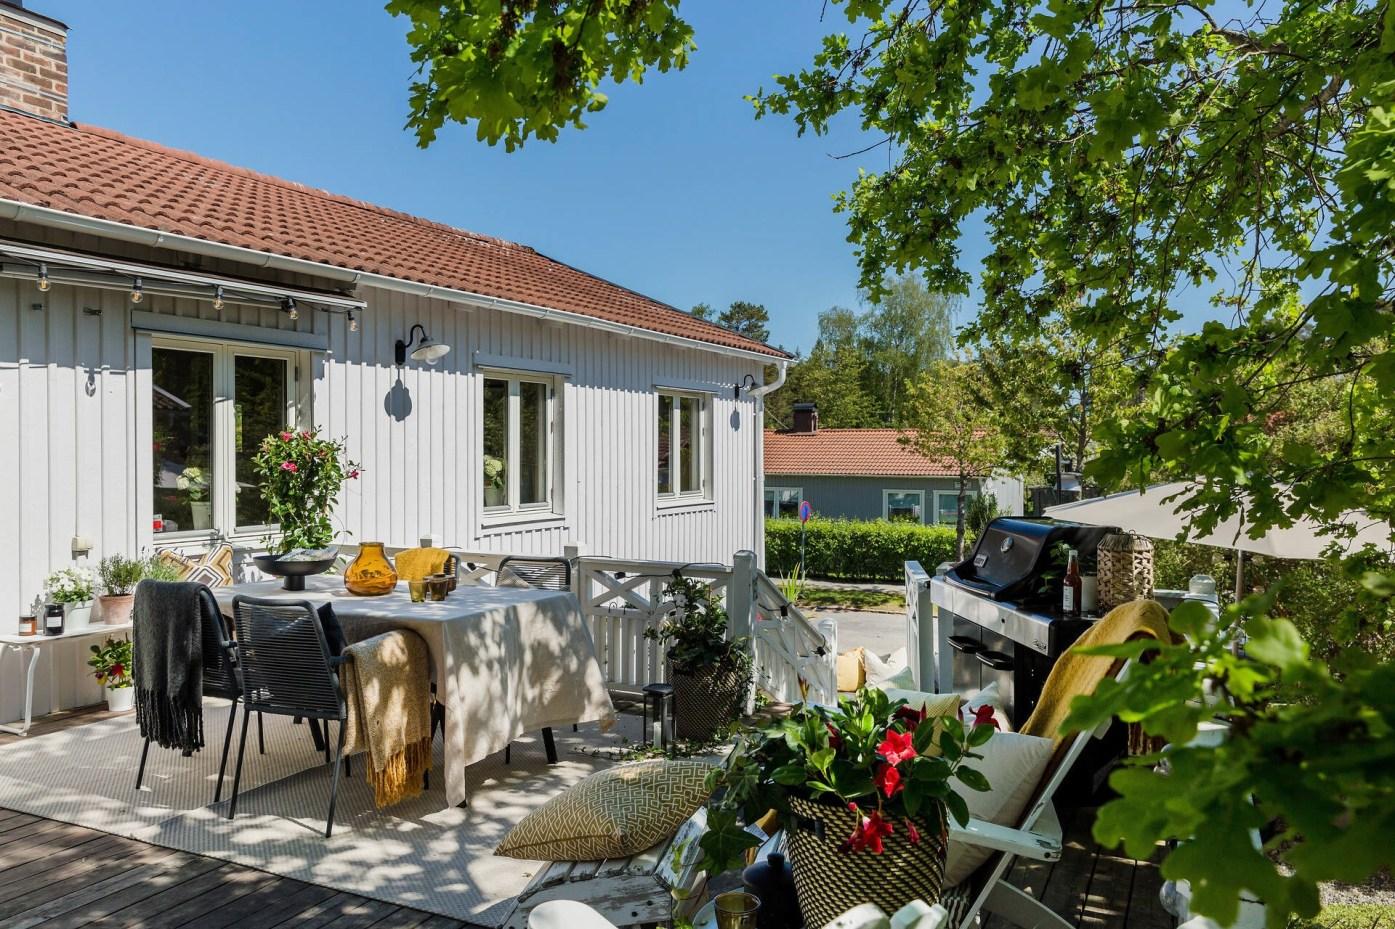 house terrace table